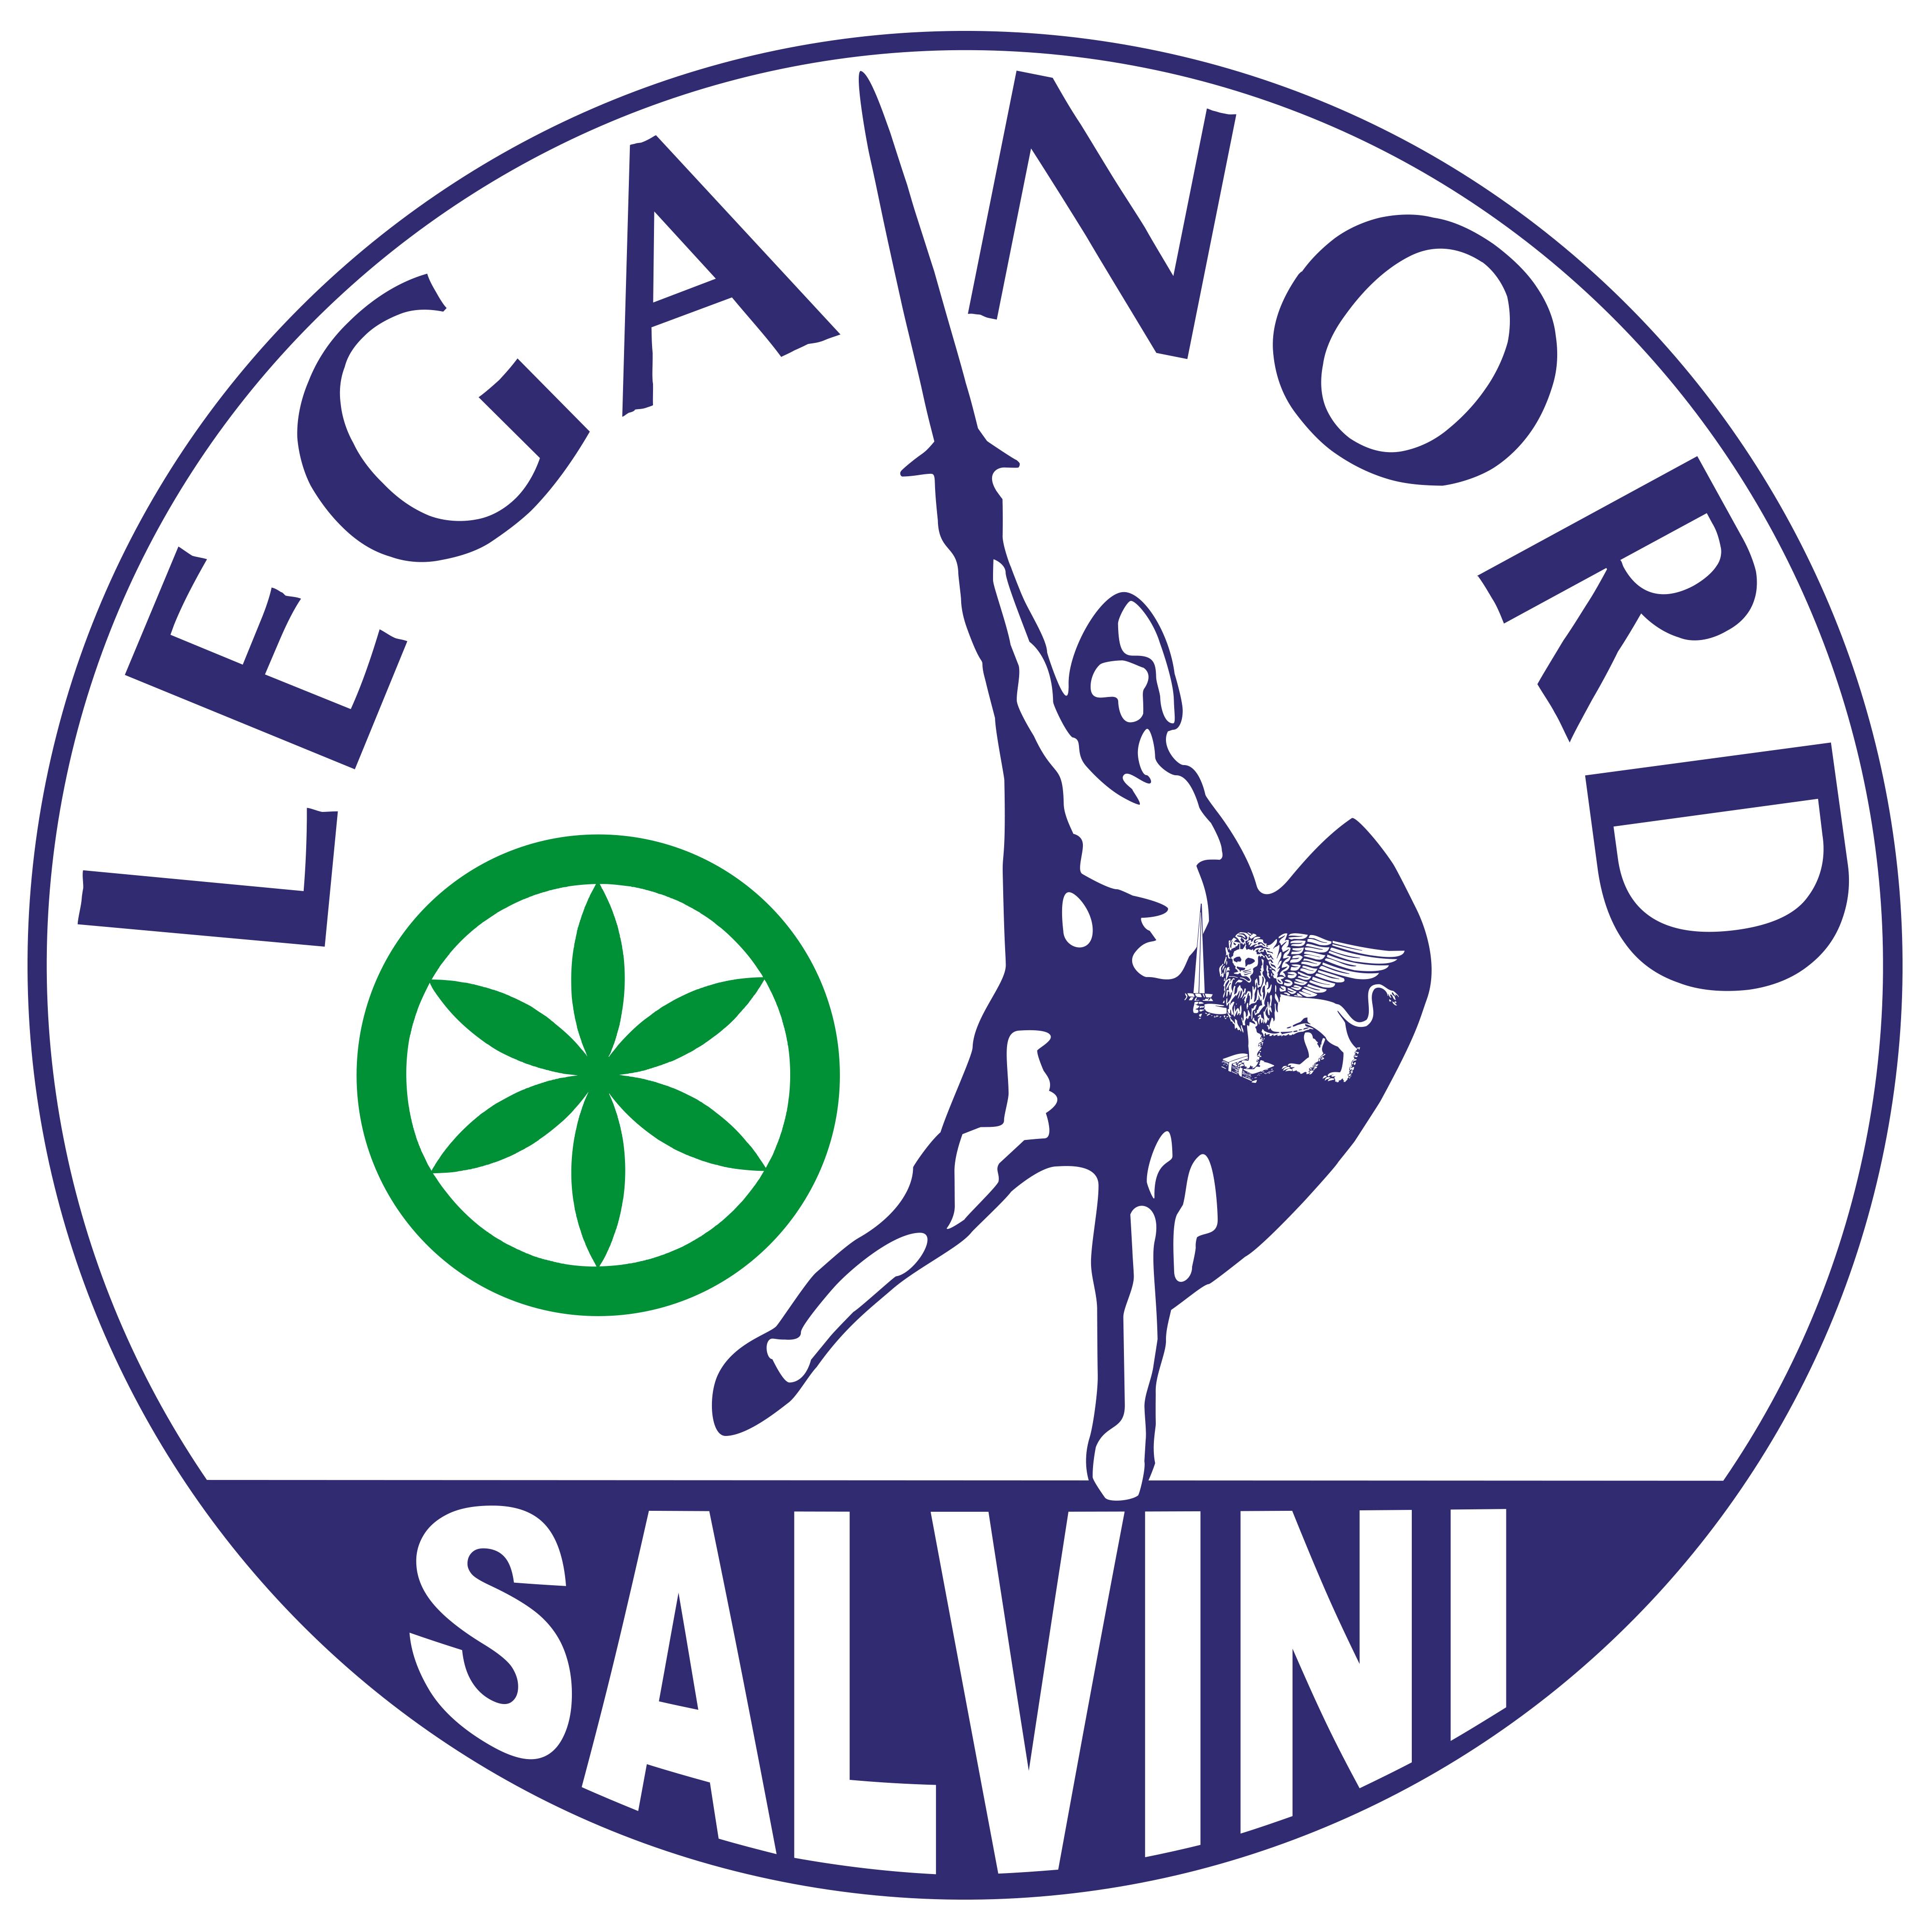 Simbolo LegaNord Salvini mar15